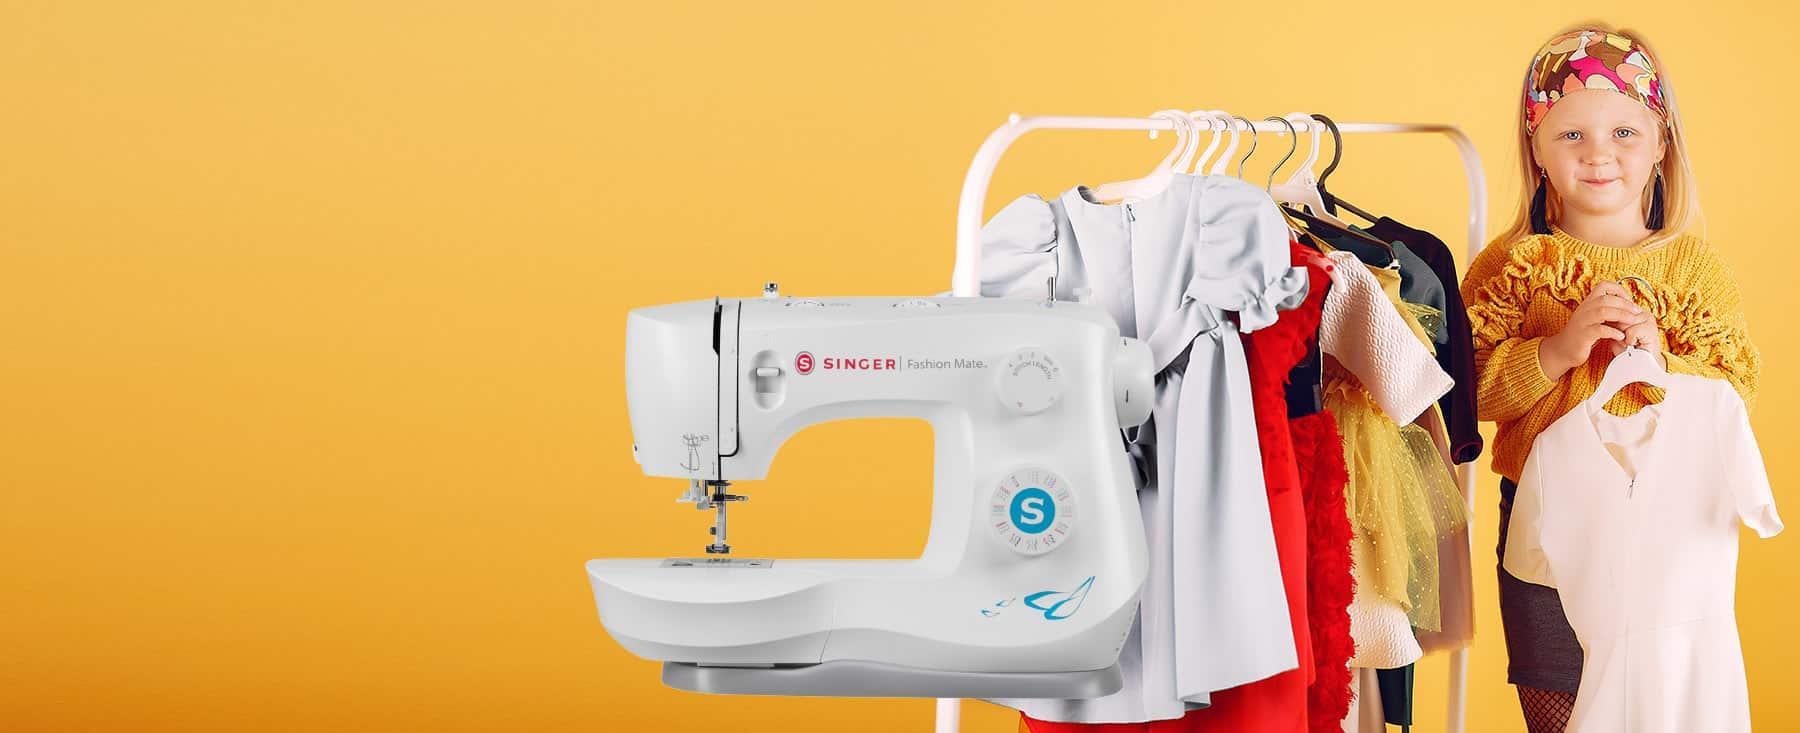 Singer máquinas para coser - Creativedog Agency